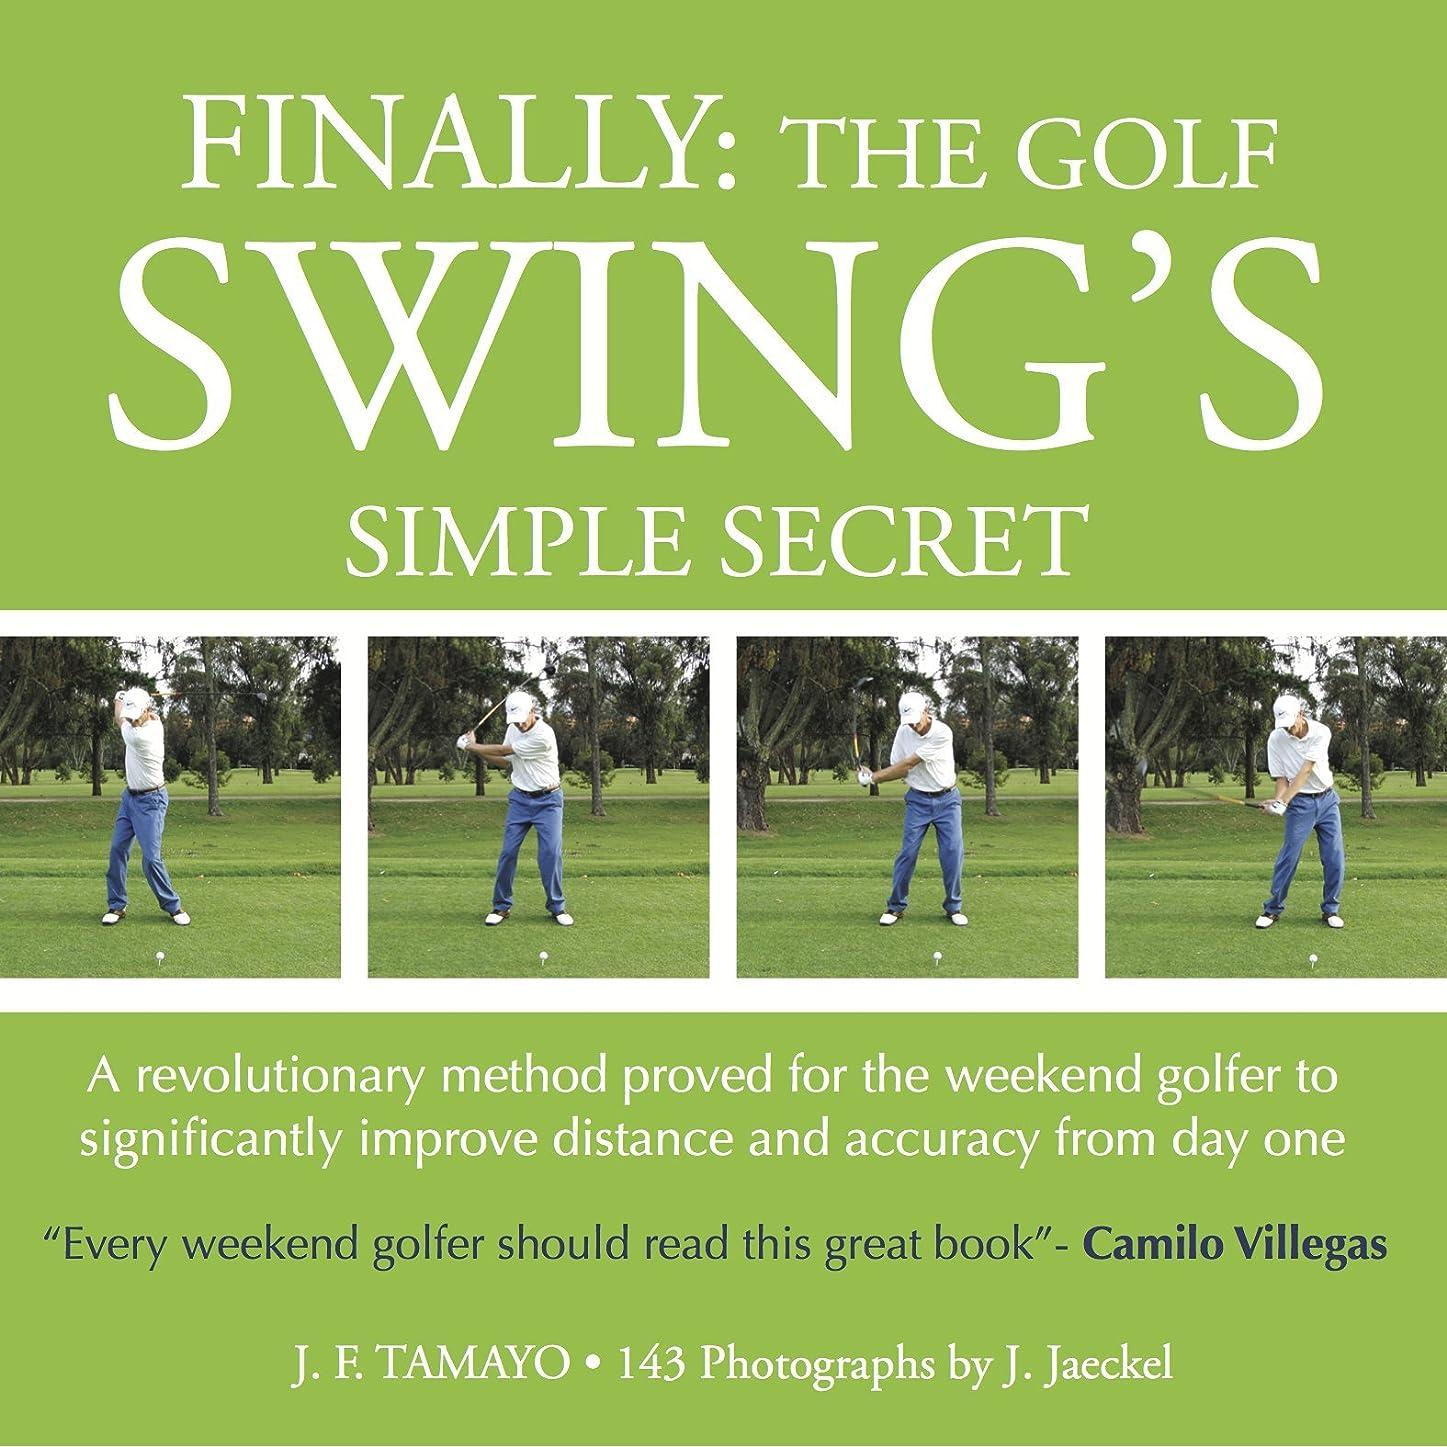 回路津波バルセロナFINALLY: THE GOLF SWING'S SIMPLE SECRET - A revolutionary method proved for the weekend golfer to significantly improve distance and accuracy from day one (1) (English Edition)